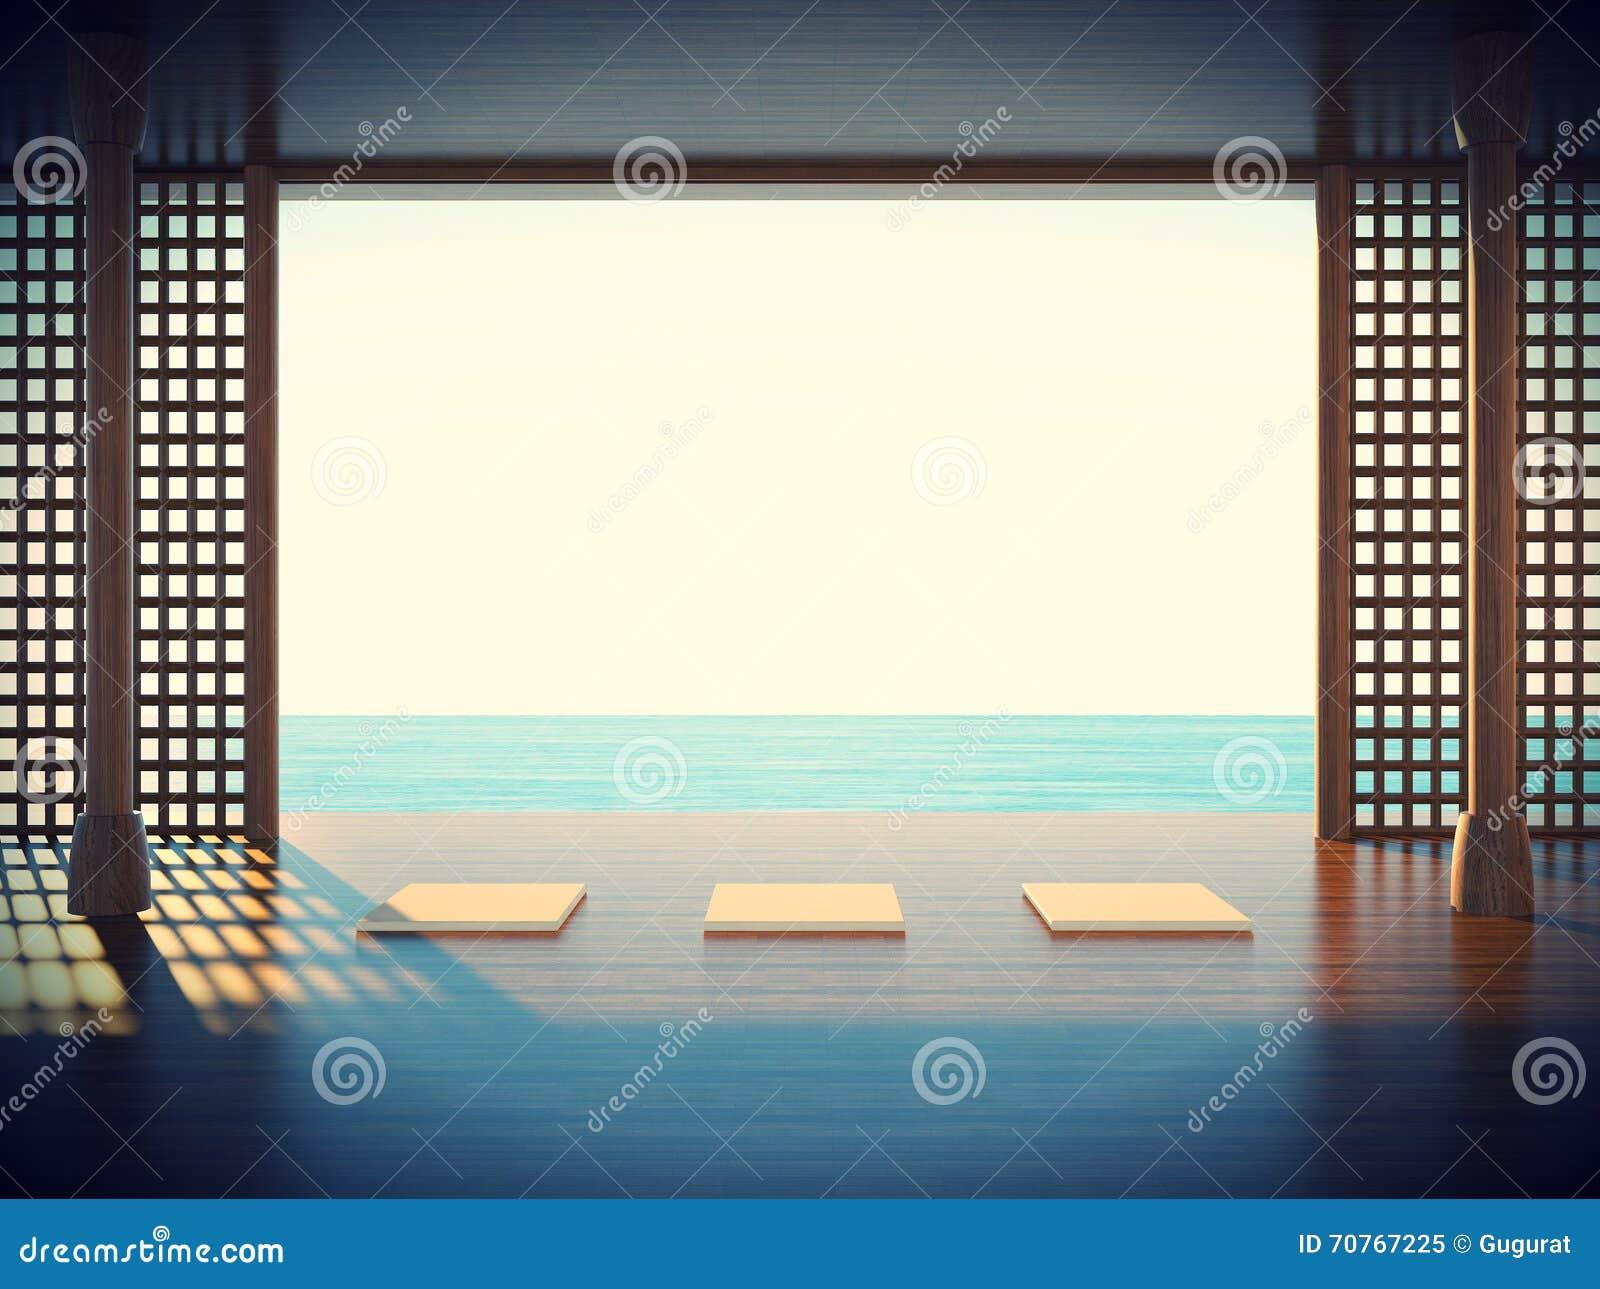 Δωμάτιο γιόγκας της Zen στο διάστημα παραλιακών περιοχών